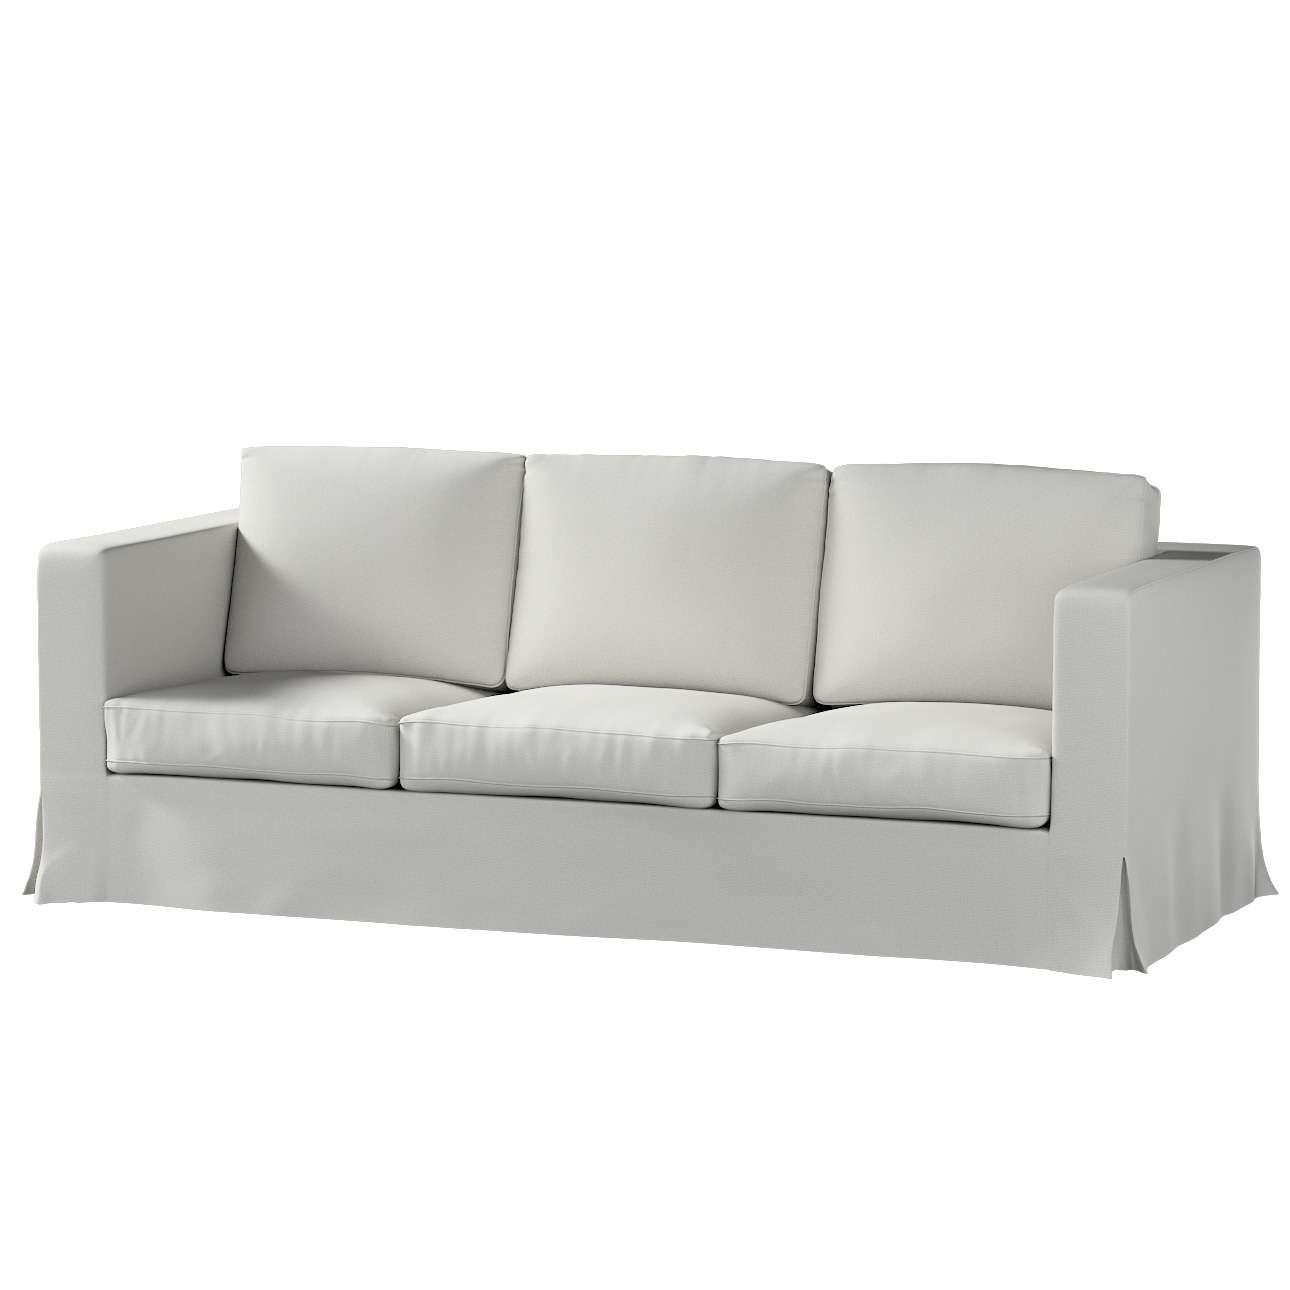 KARLANDA trivietės sofos iki žemės užvalkalas KARLANDA trivietės sofos iki žemės užvalkalas kolekcijoje Etna , audinys: 705-90